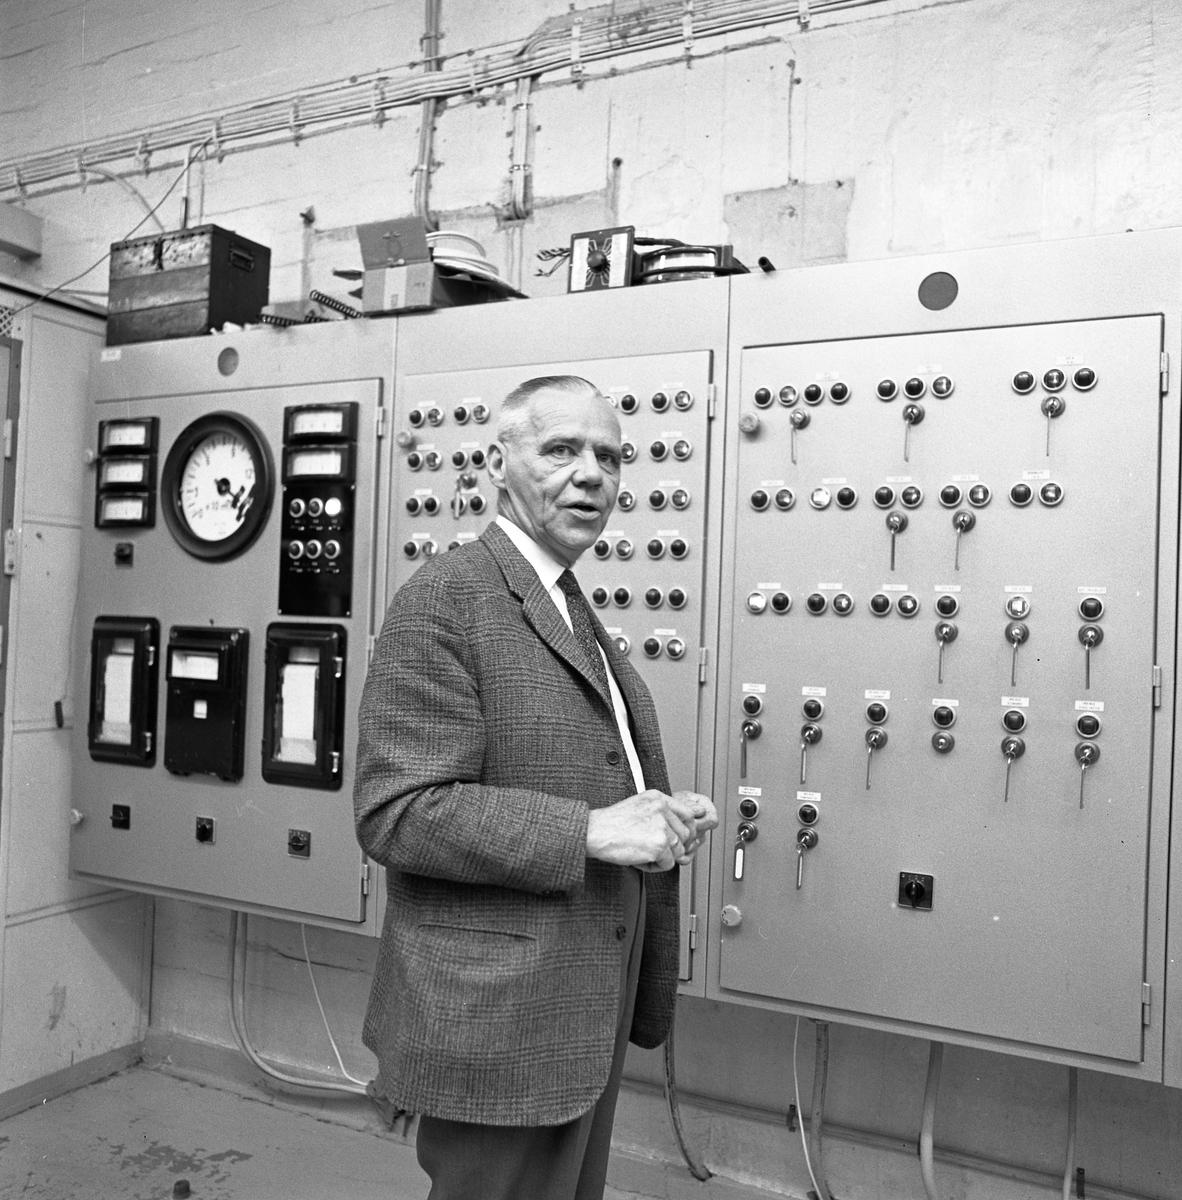 Alf Hedlund, maskinmästare på Centrala Verkstaden Arboga, går i pension  Kostymklädd man i industrimiljö. Knappar och reglage.